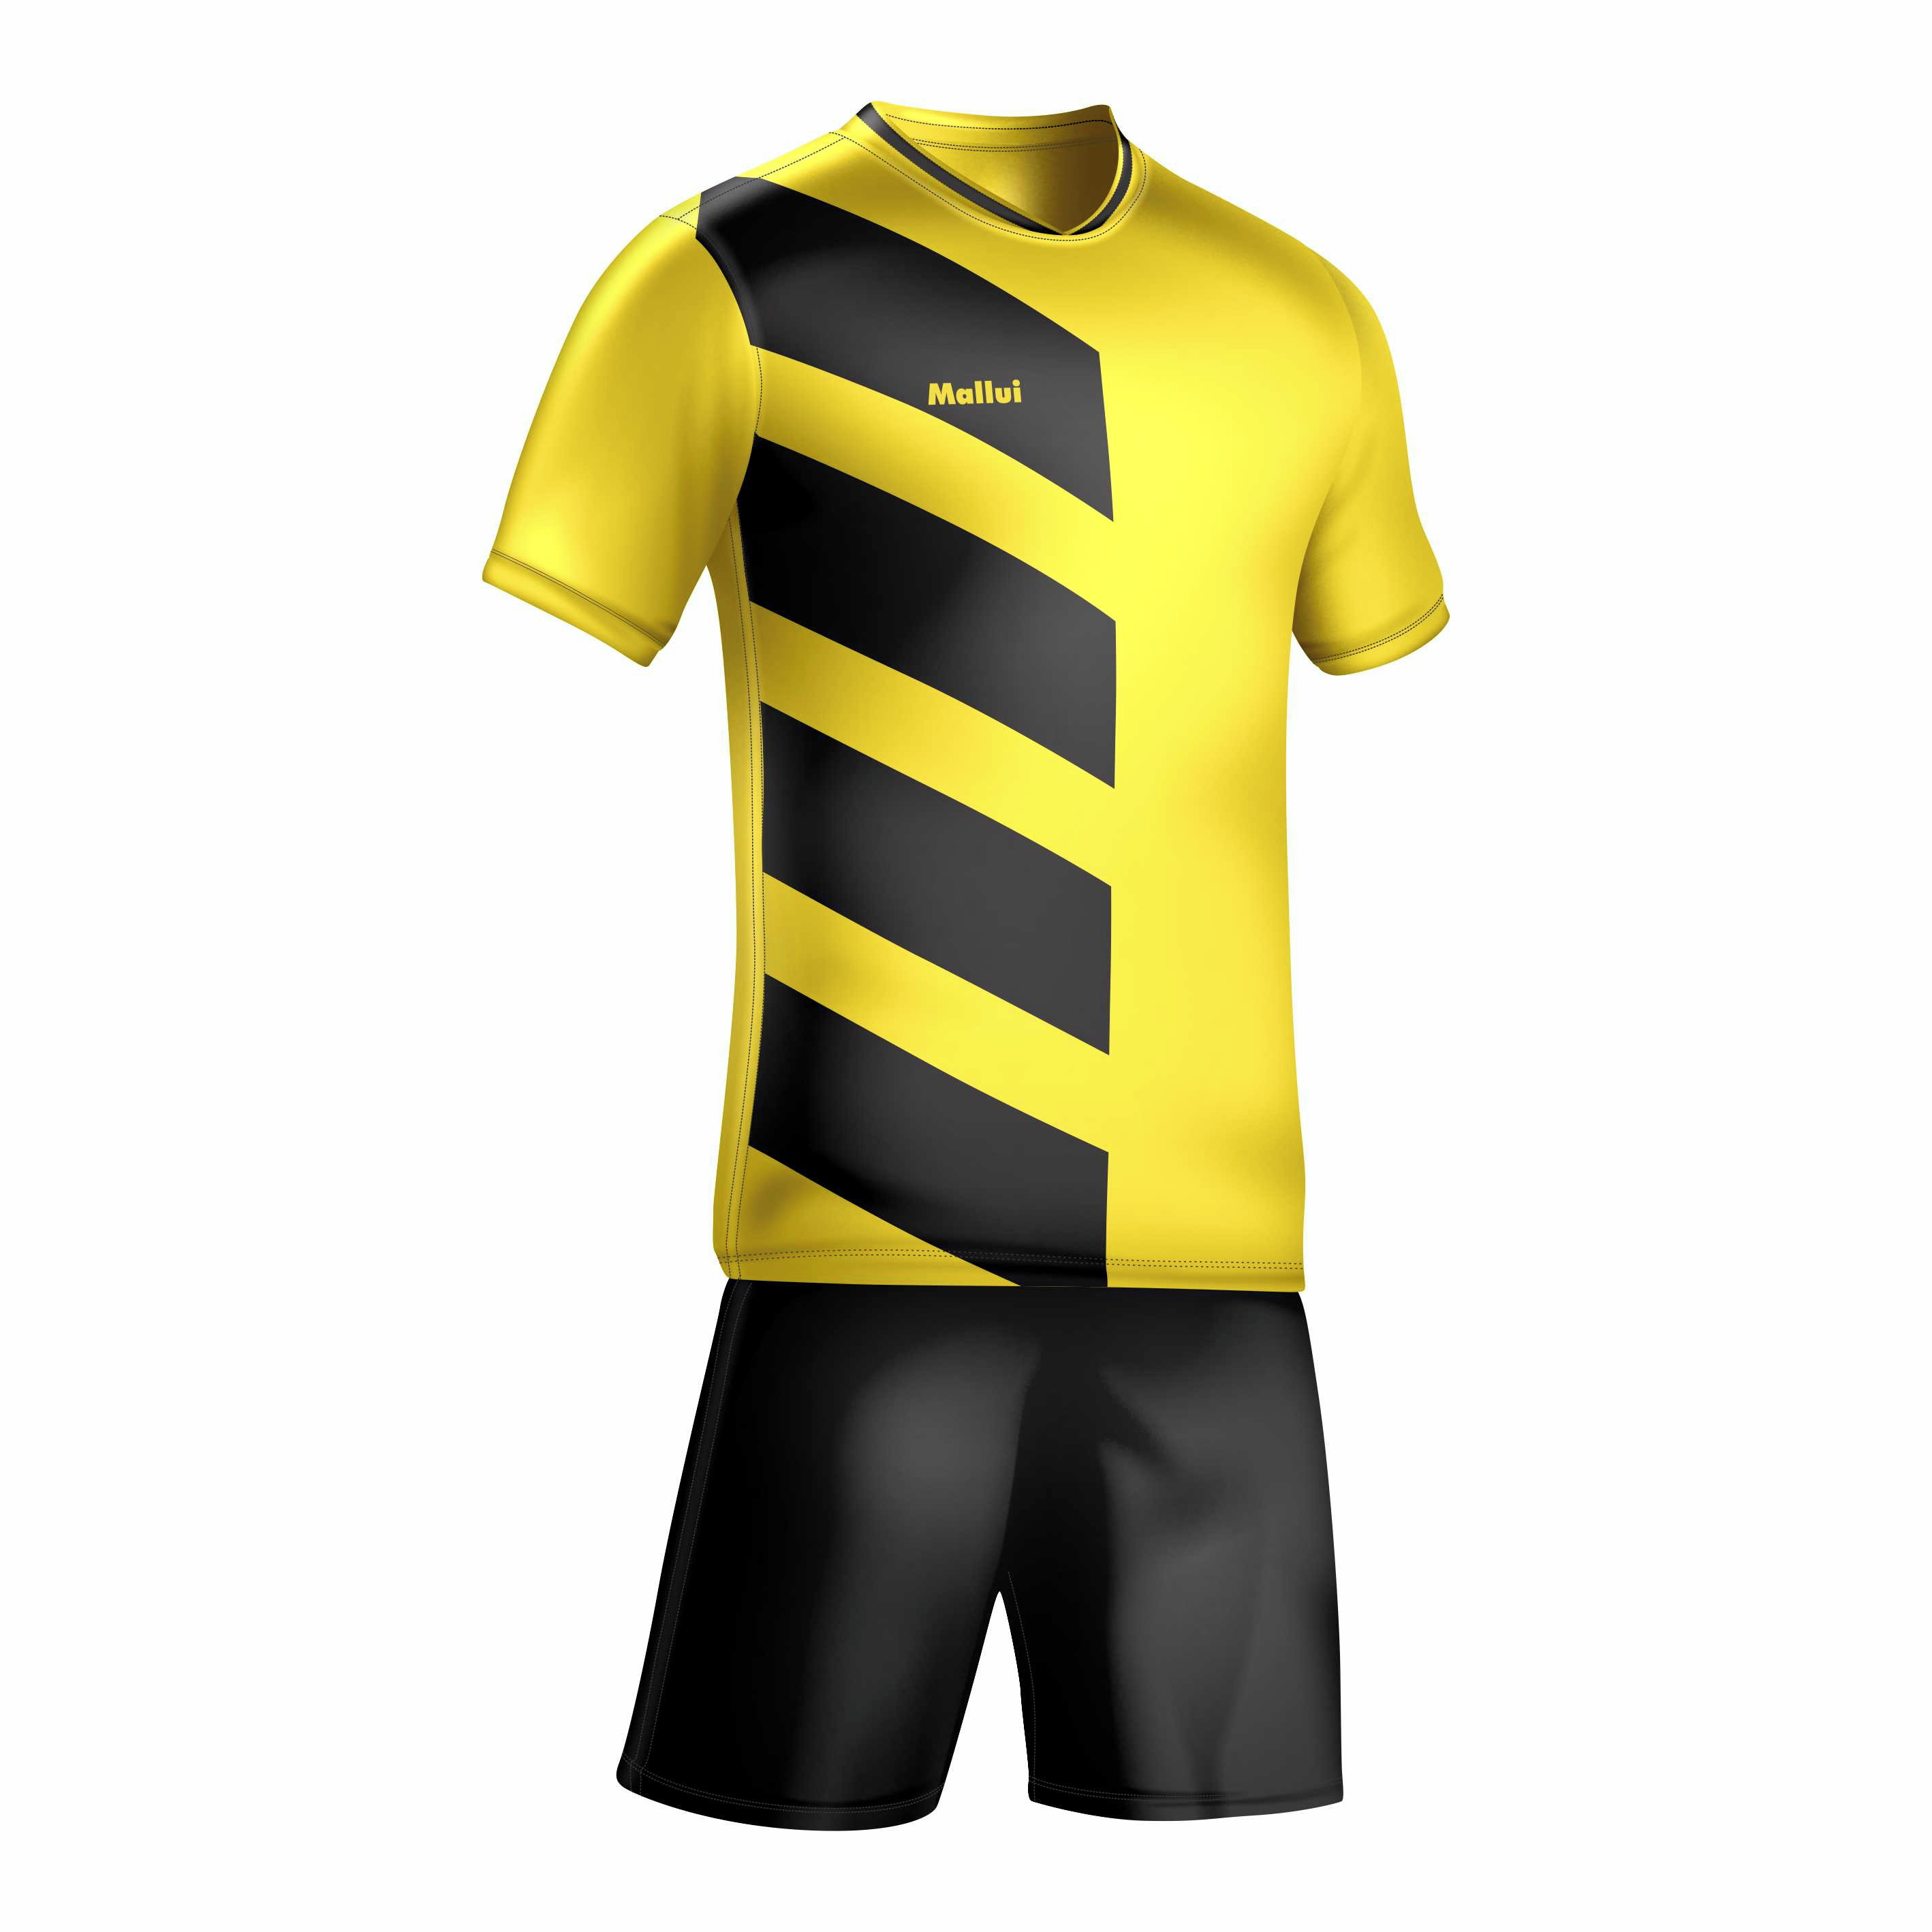 c7e54253e5e72 Kit Uniforme Futebol Nike